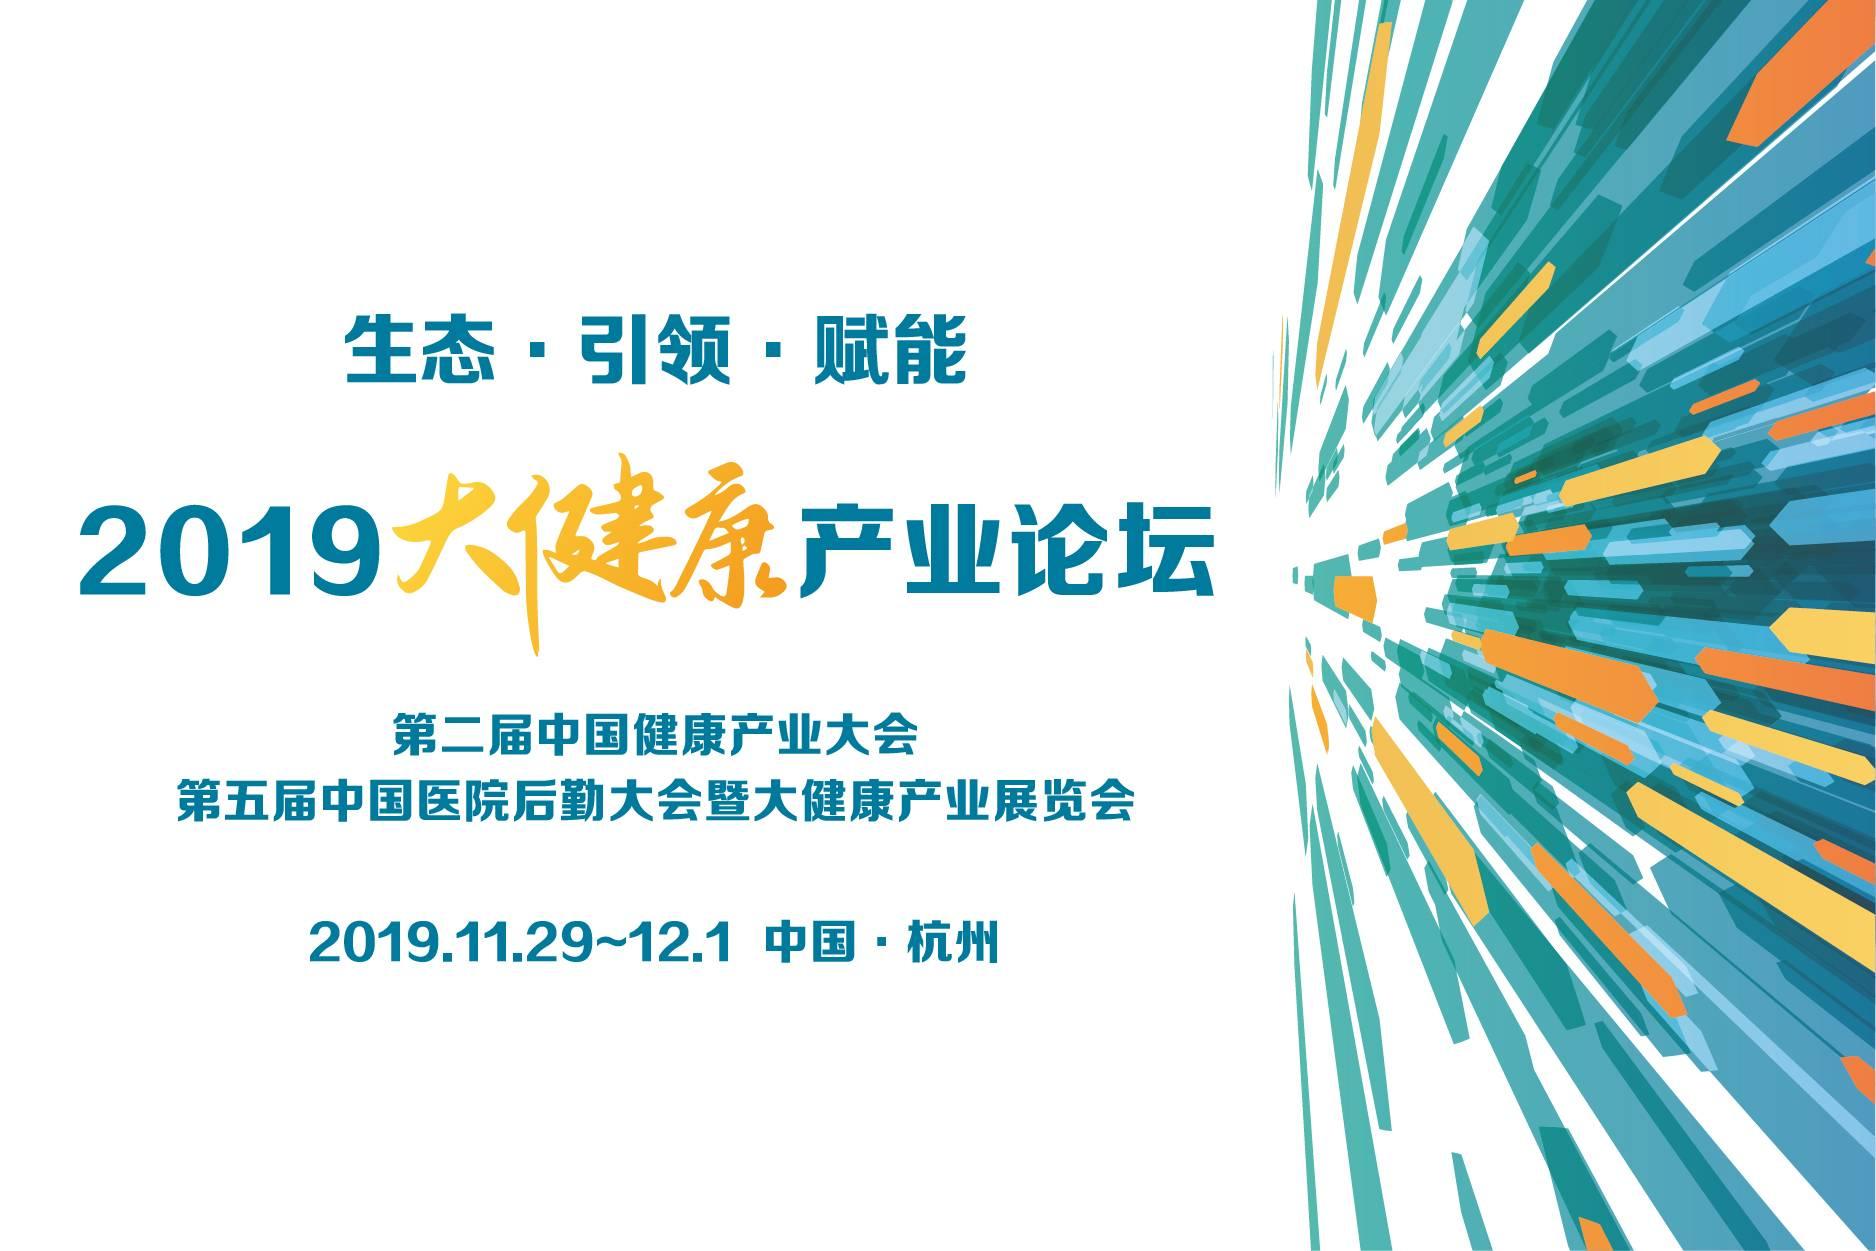 2019大健康產業論壇